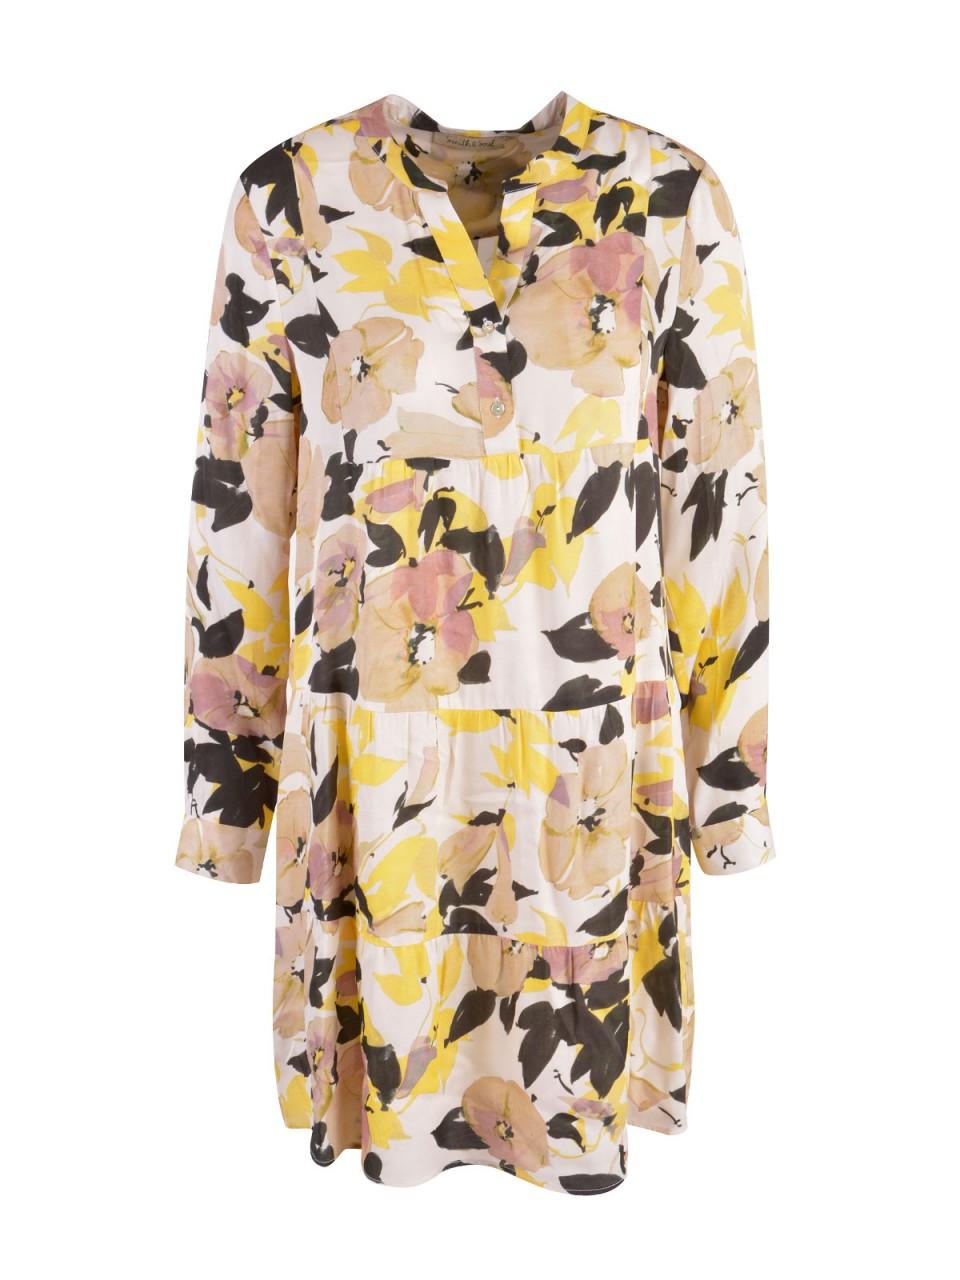 Kleider - SMITH SOUL Damen Kleid, gelb  - Onlineshop Designermode.com